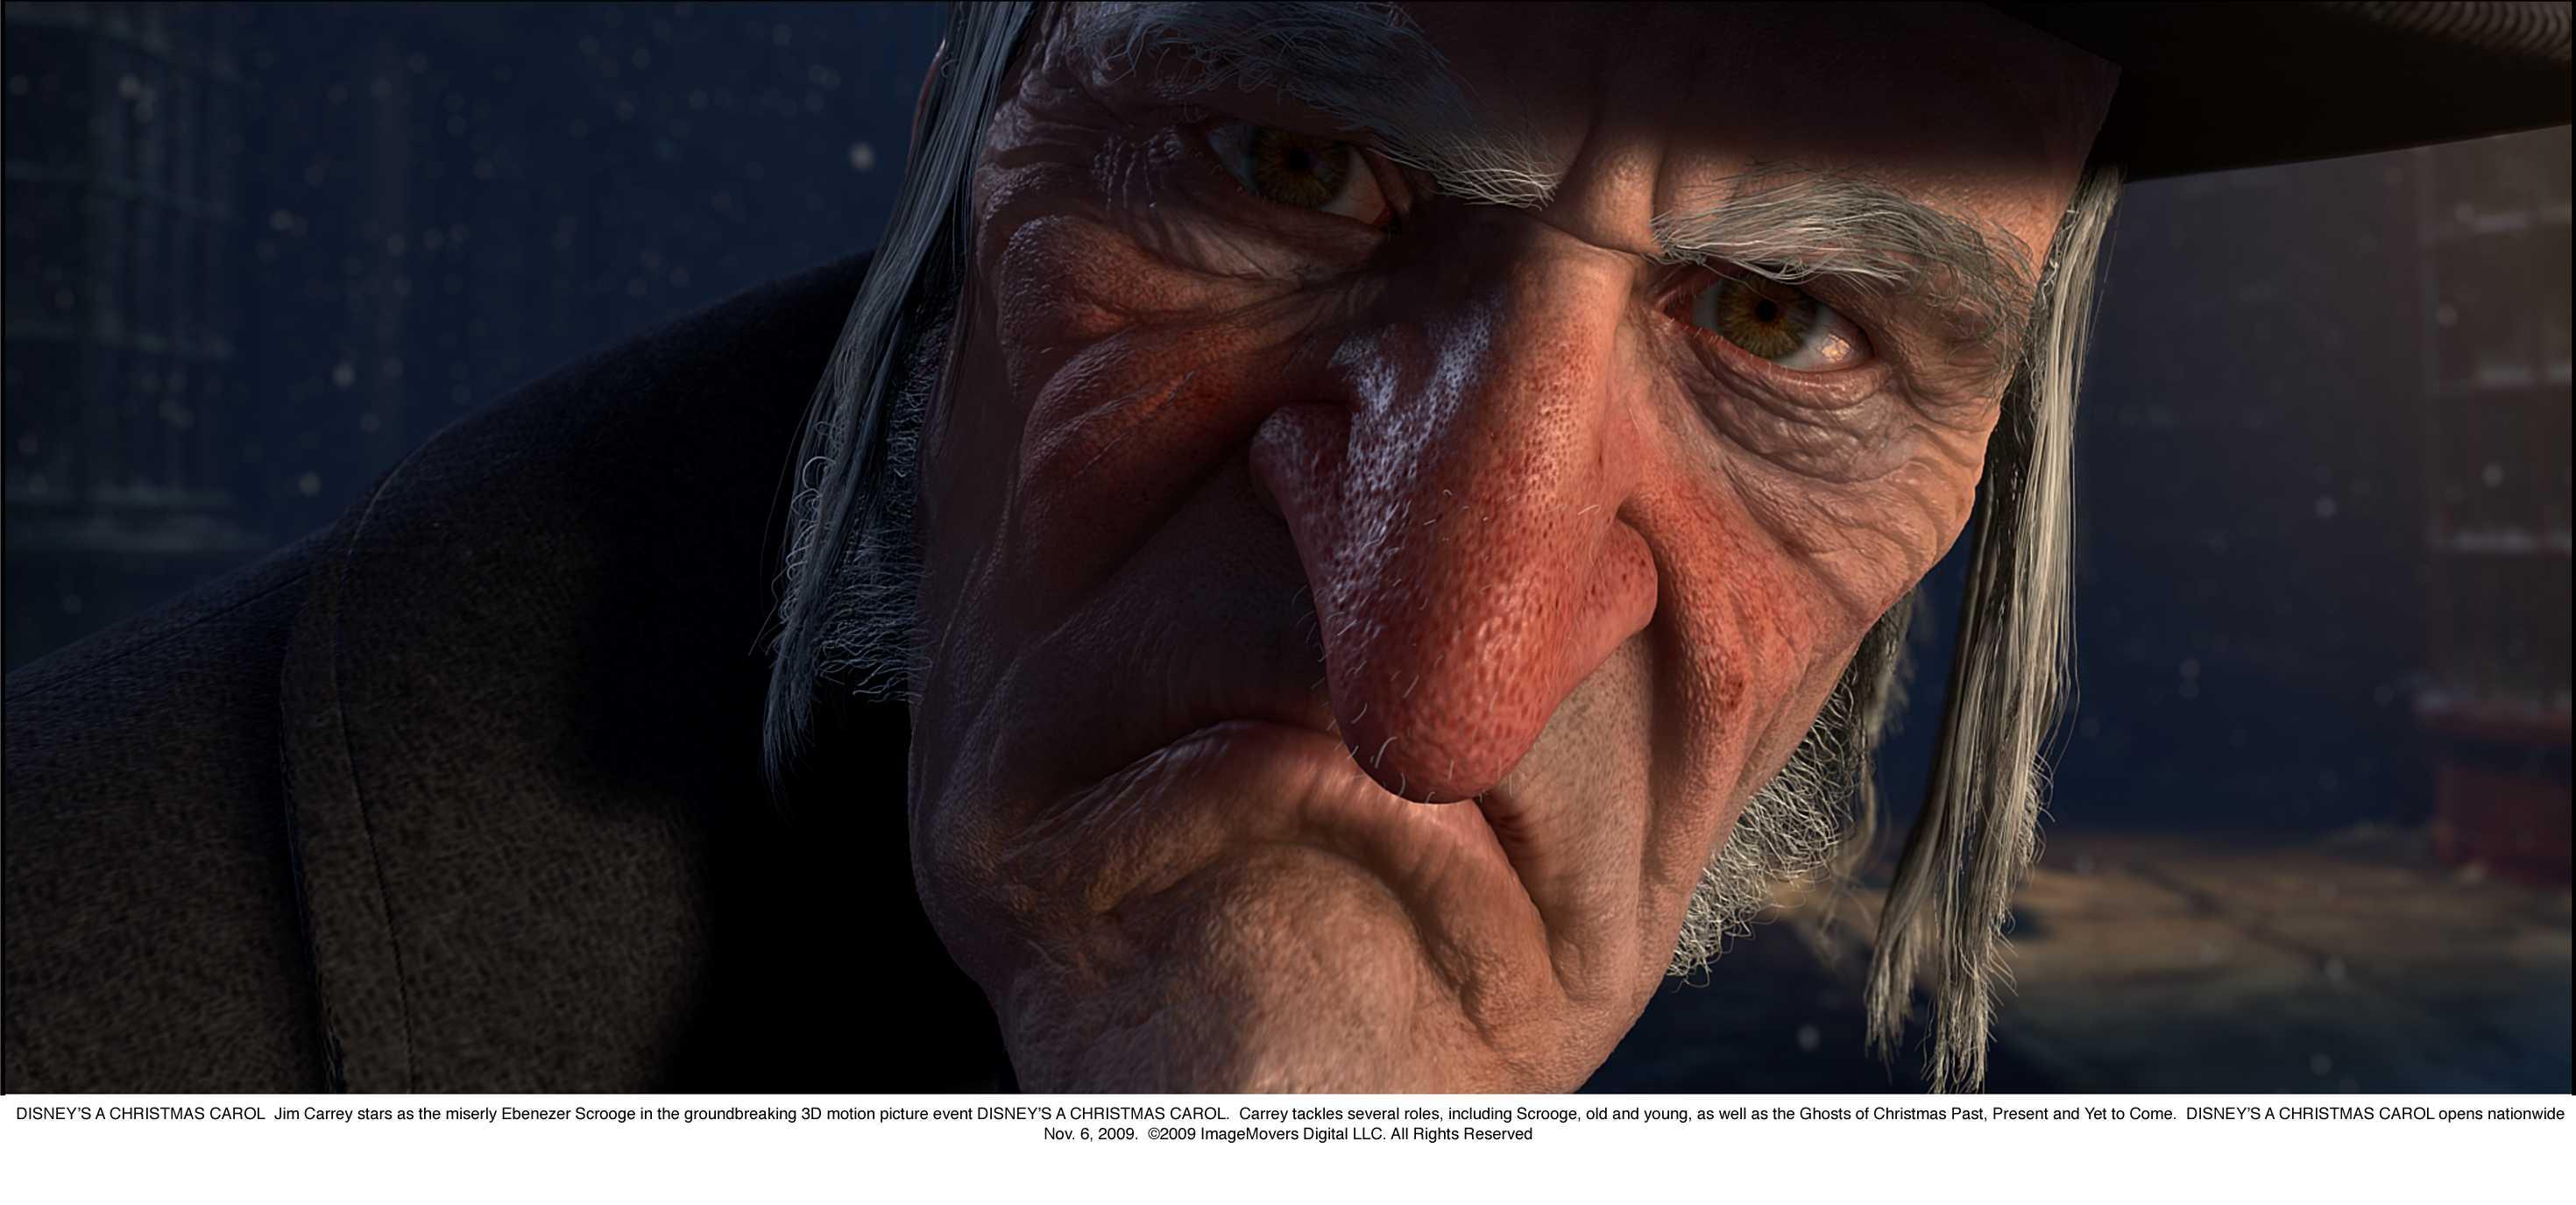 http://img3.wikia.nocookie.net/__cb20100411110617/disney/images/3/31/Scrooge.jpg